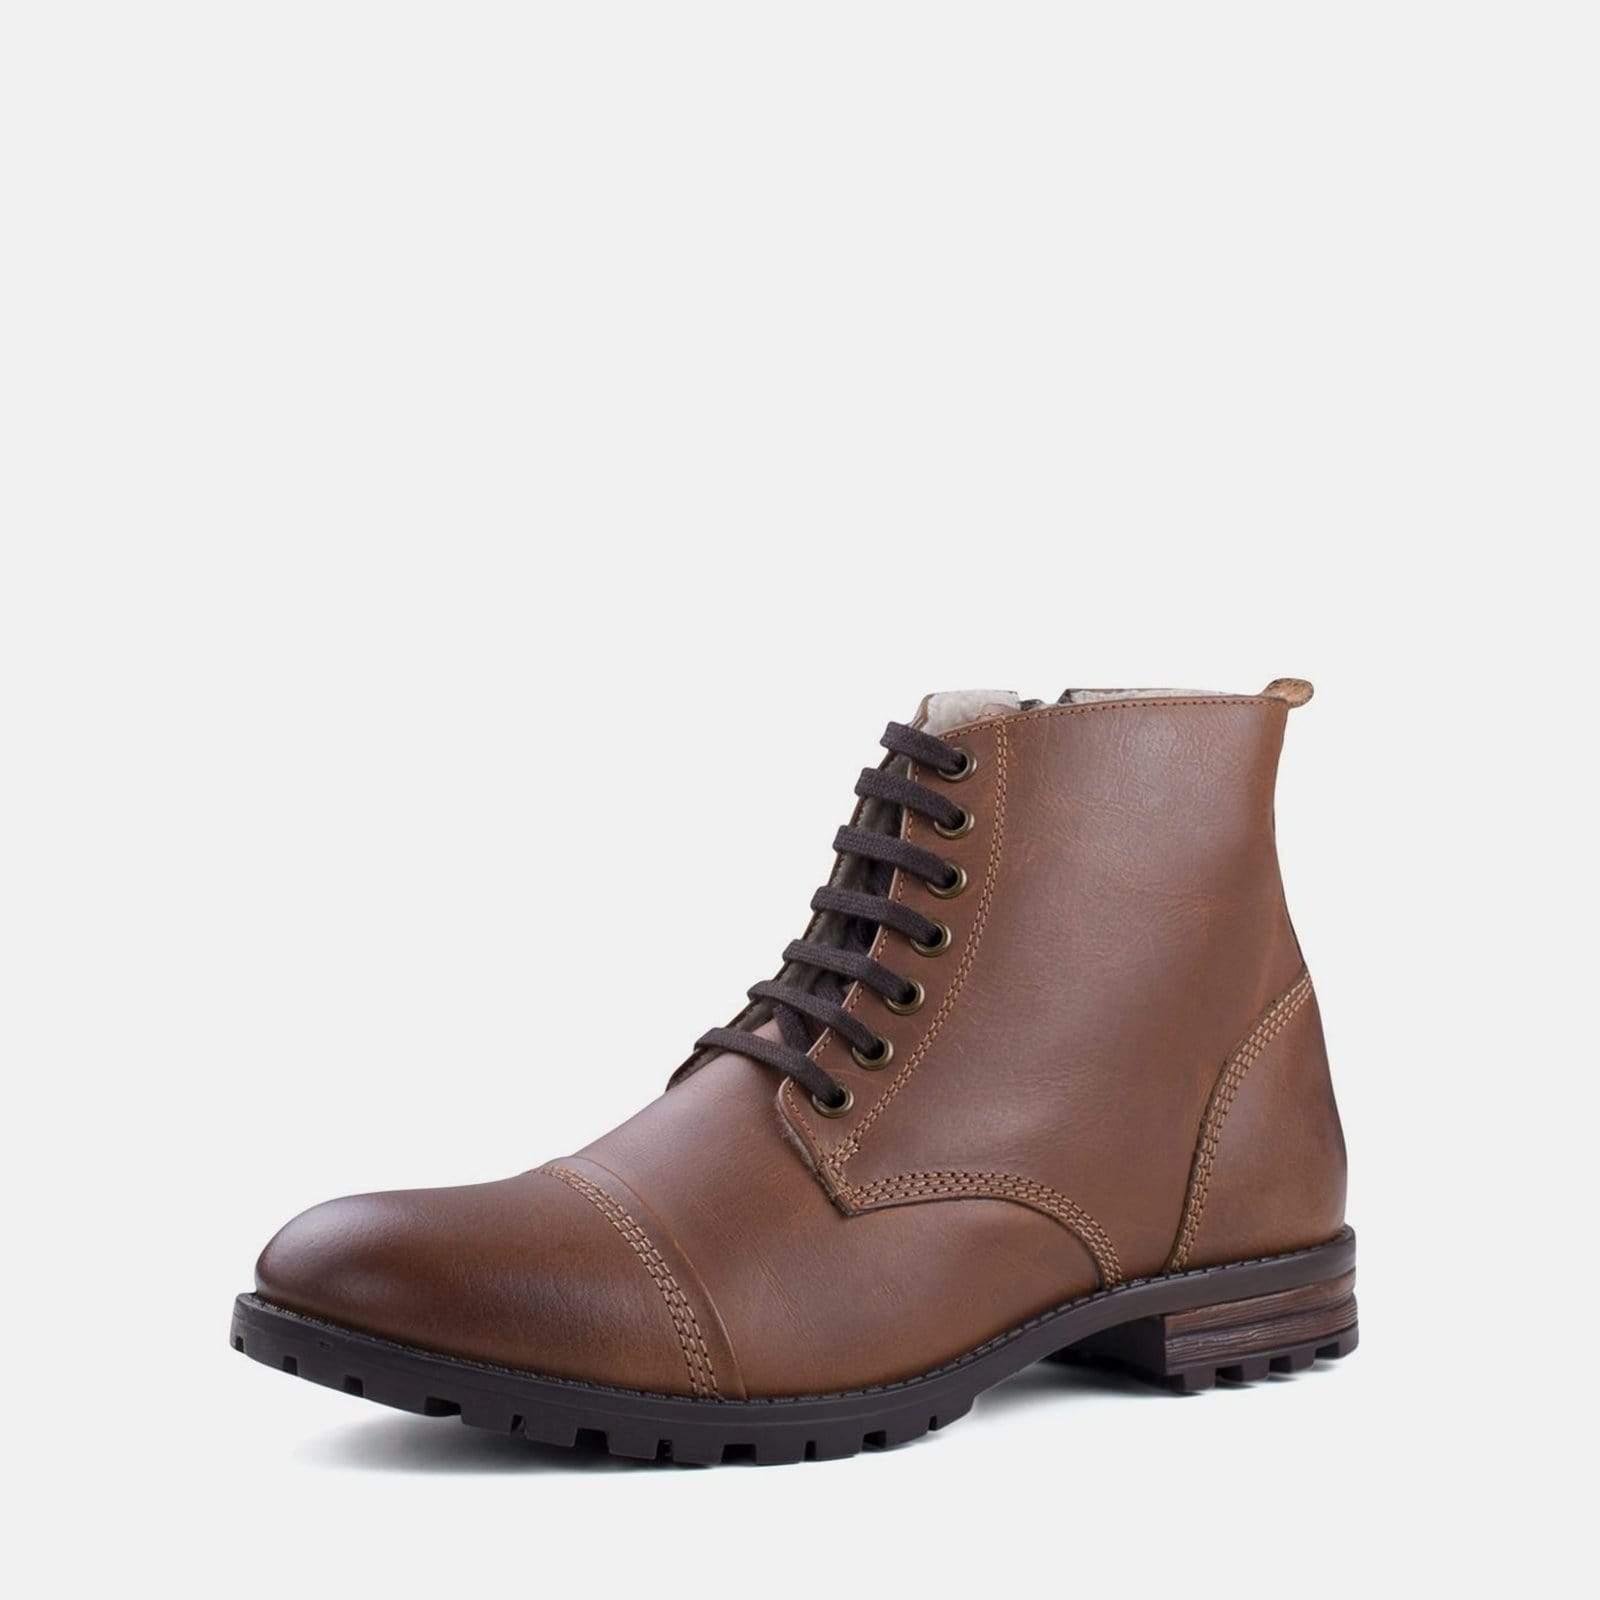 Fur Warm Lined Boot Tan